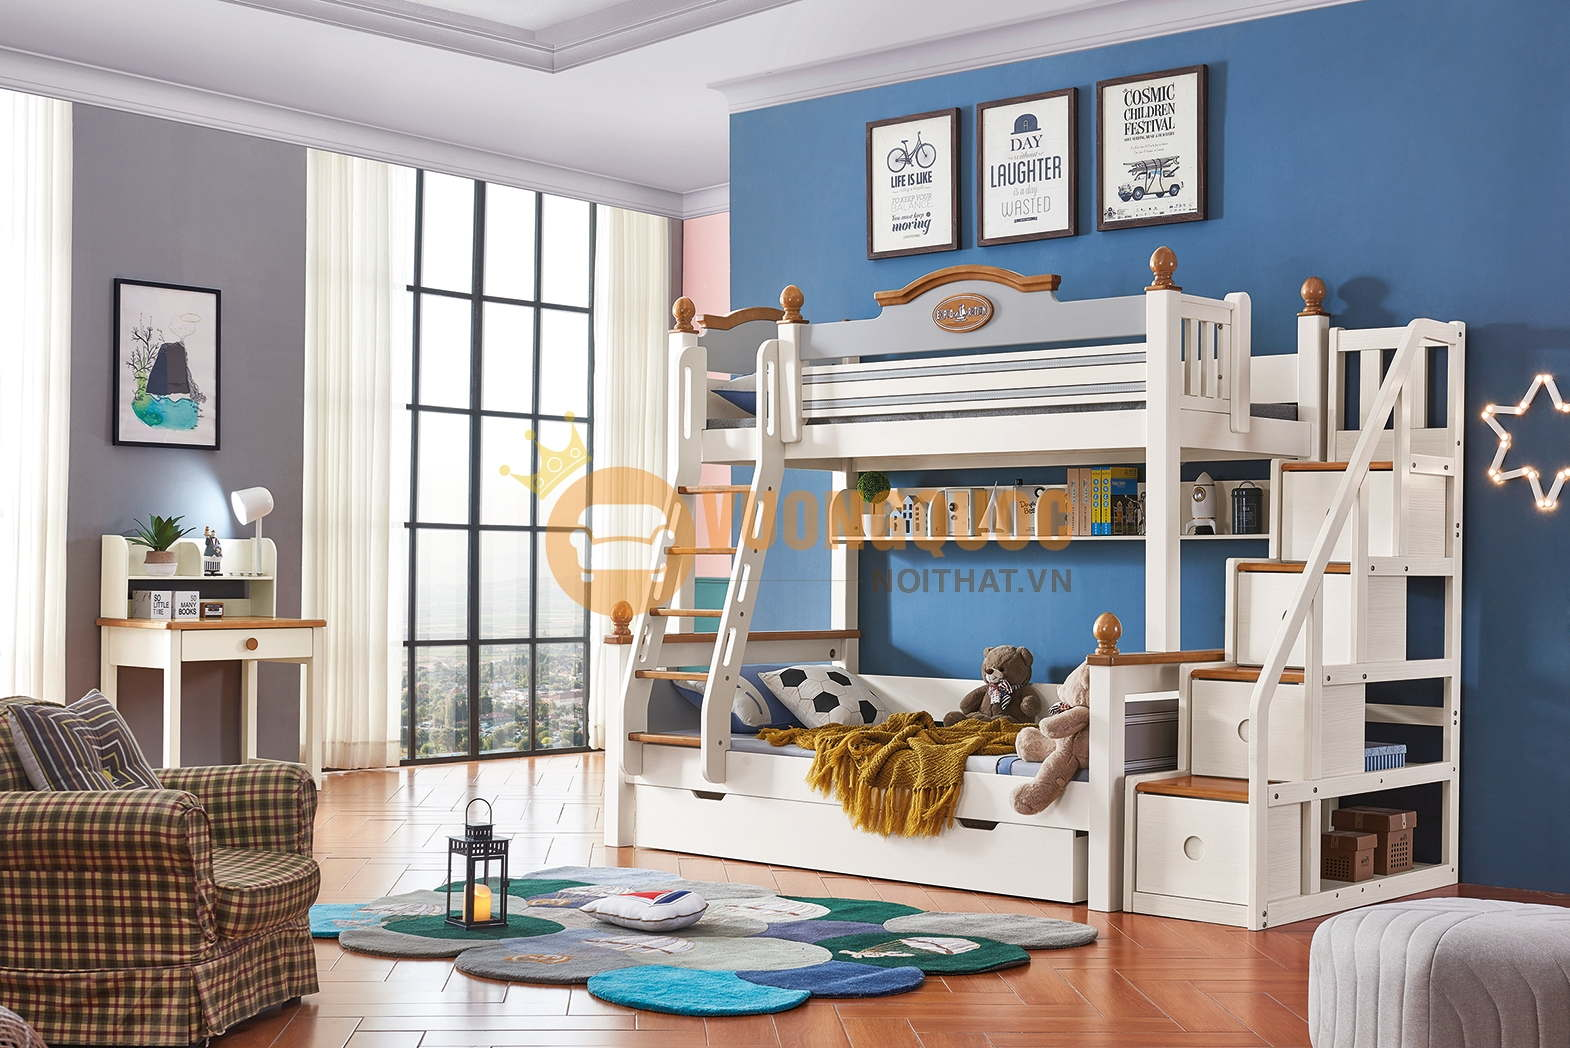 5 Lý do nên chọn giường tầng trẻ em bằng gỗ cho bé yêu